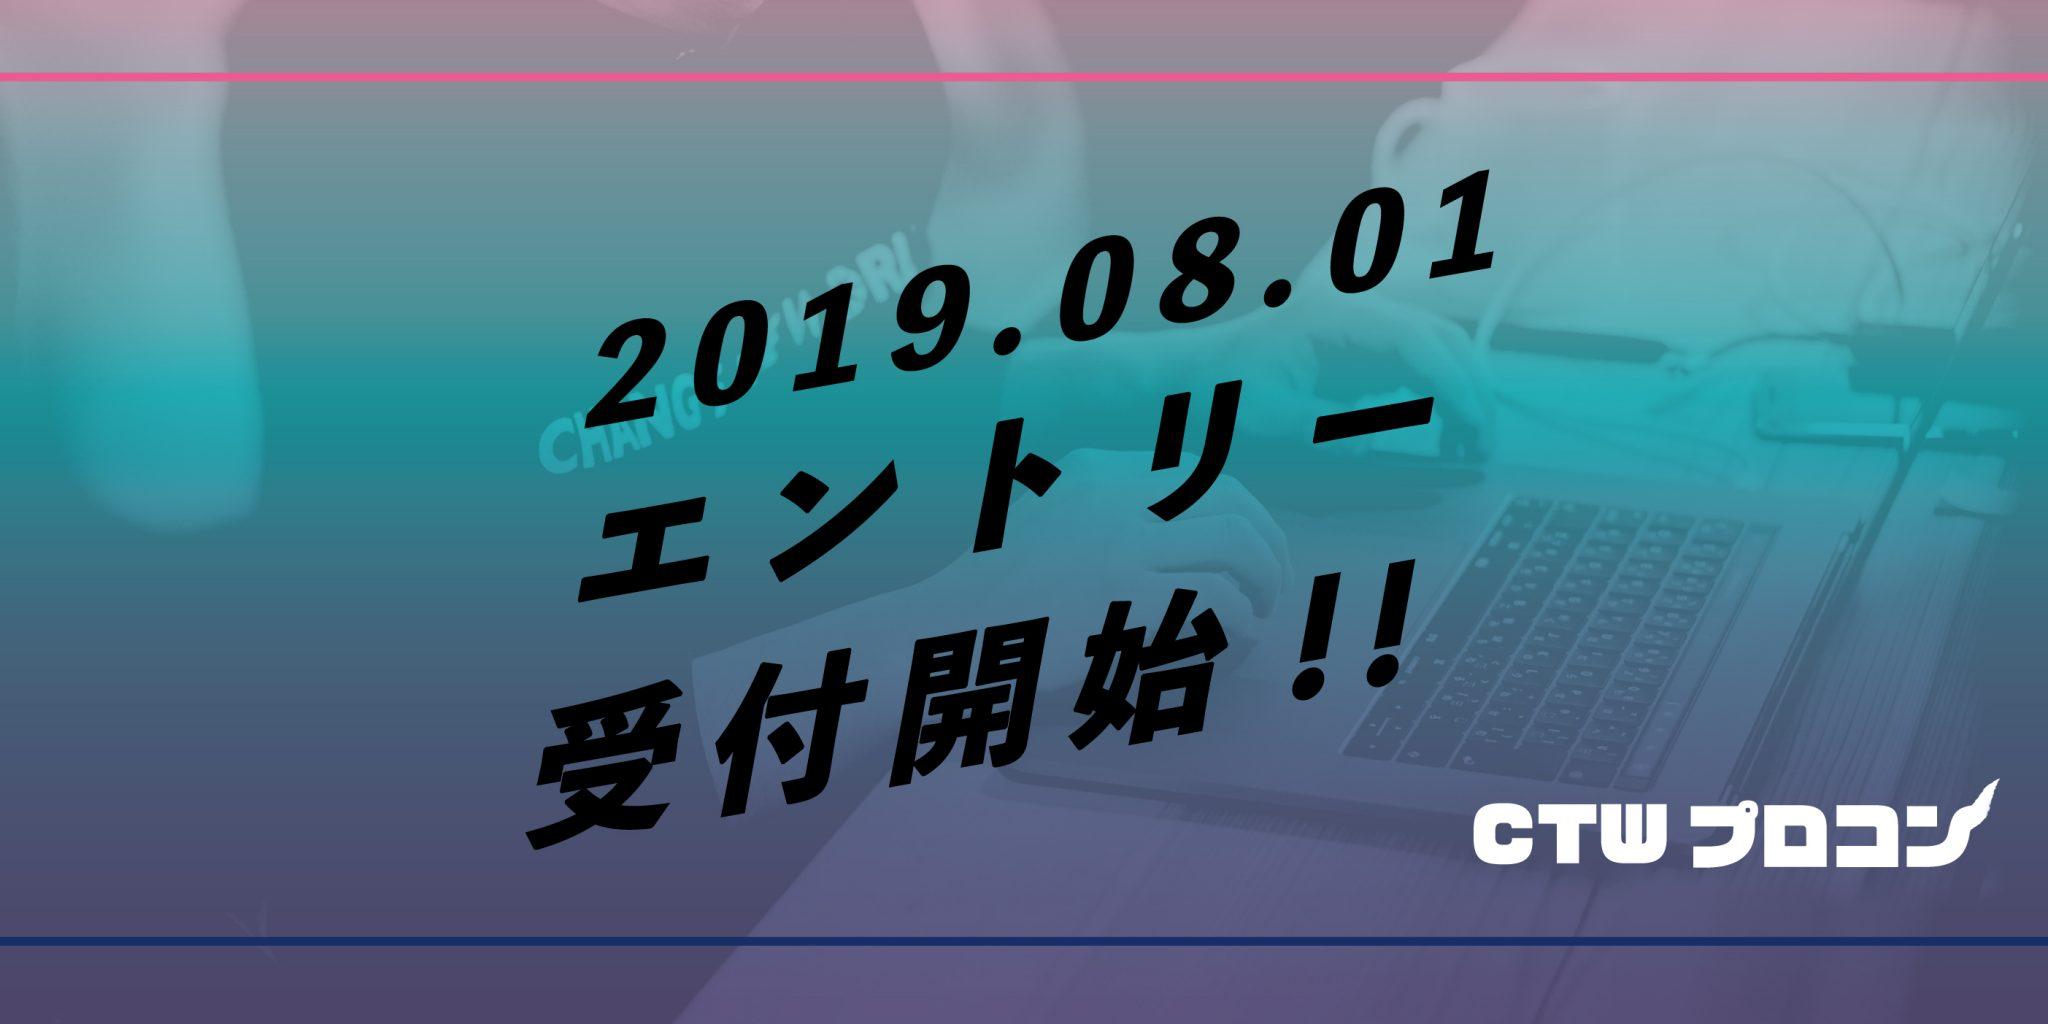 【学生向け】プログラミングコンテストエントリー受付開始!